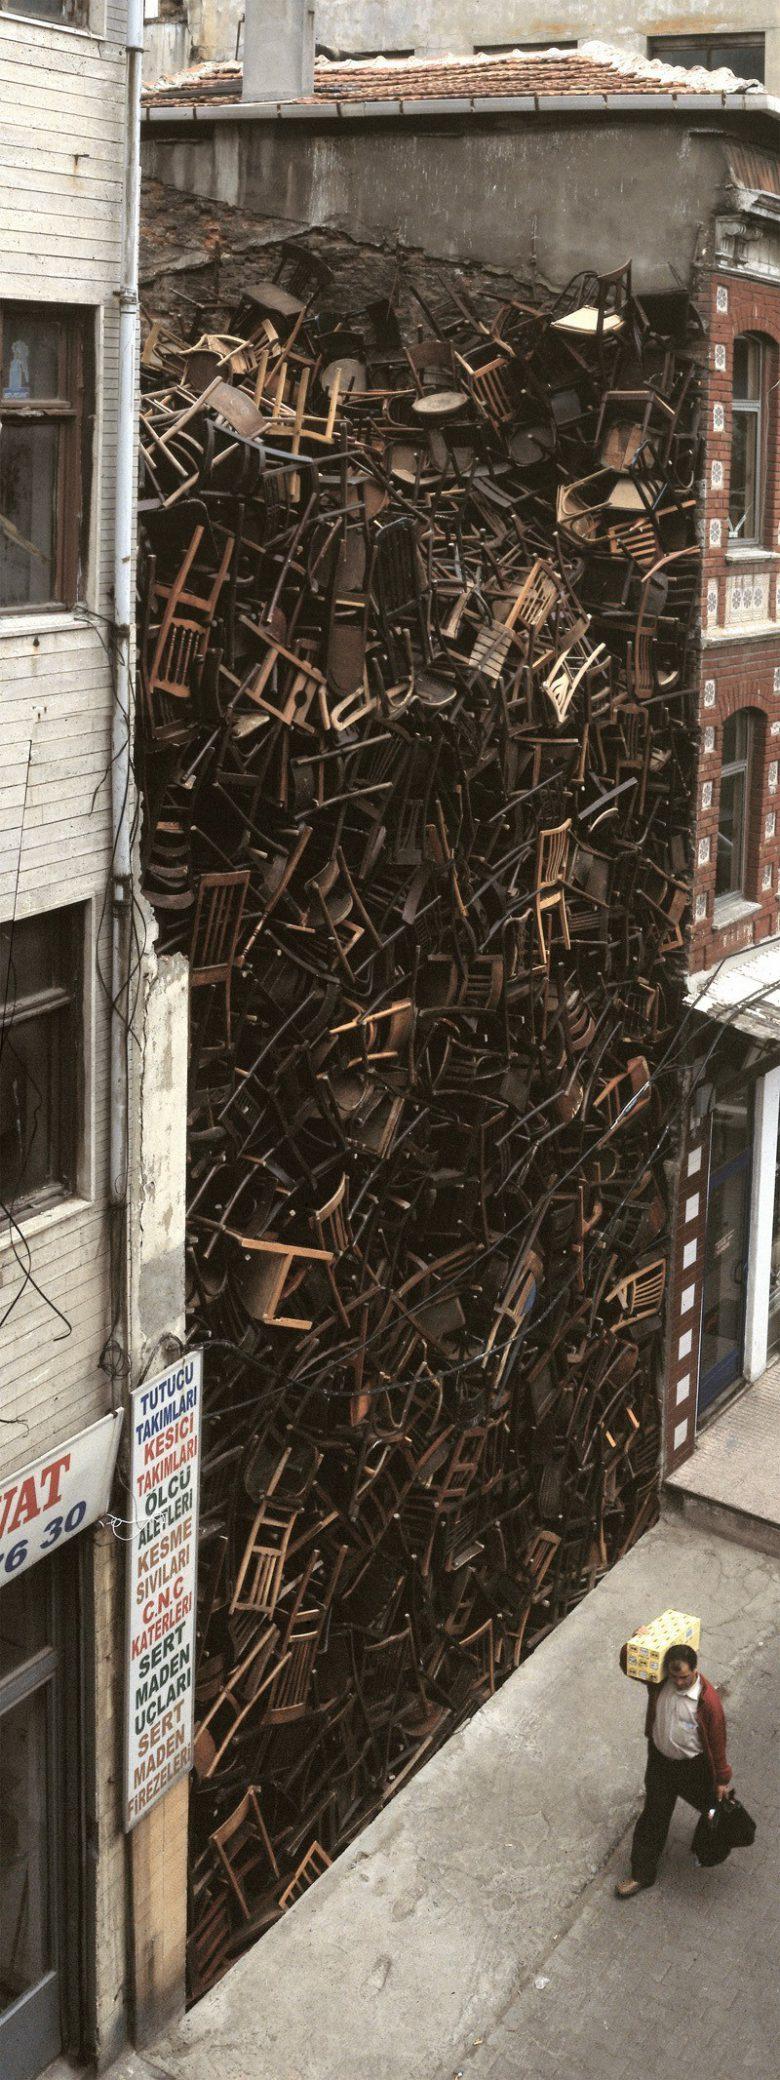 芸術家ドリス・サルセド氏の作品『二つの建物の間に積まれた1550個の椅子』